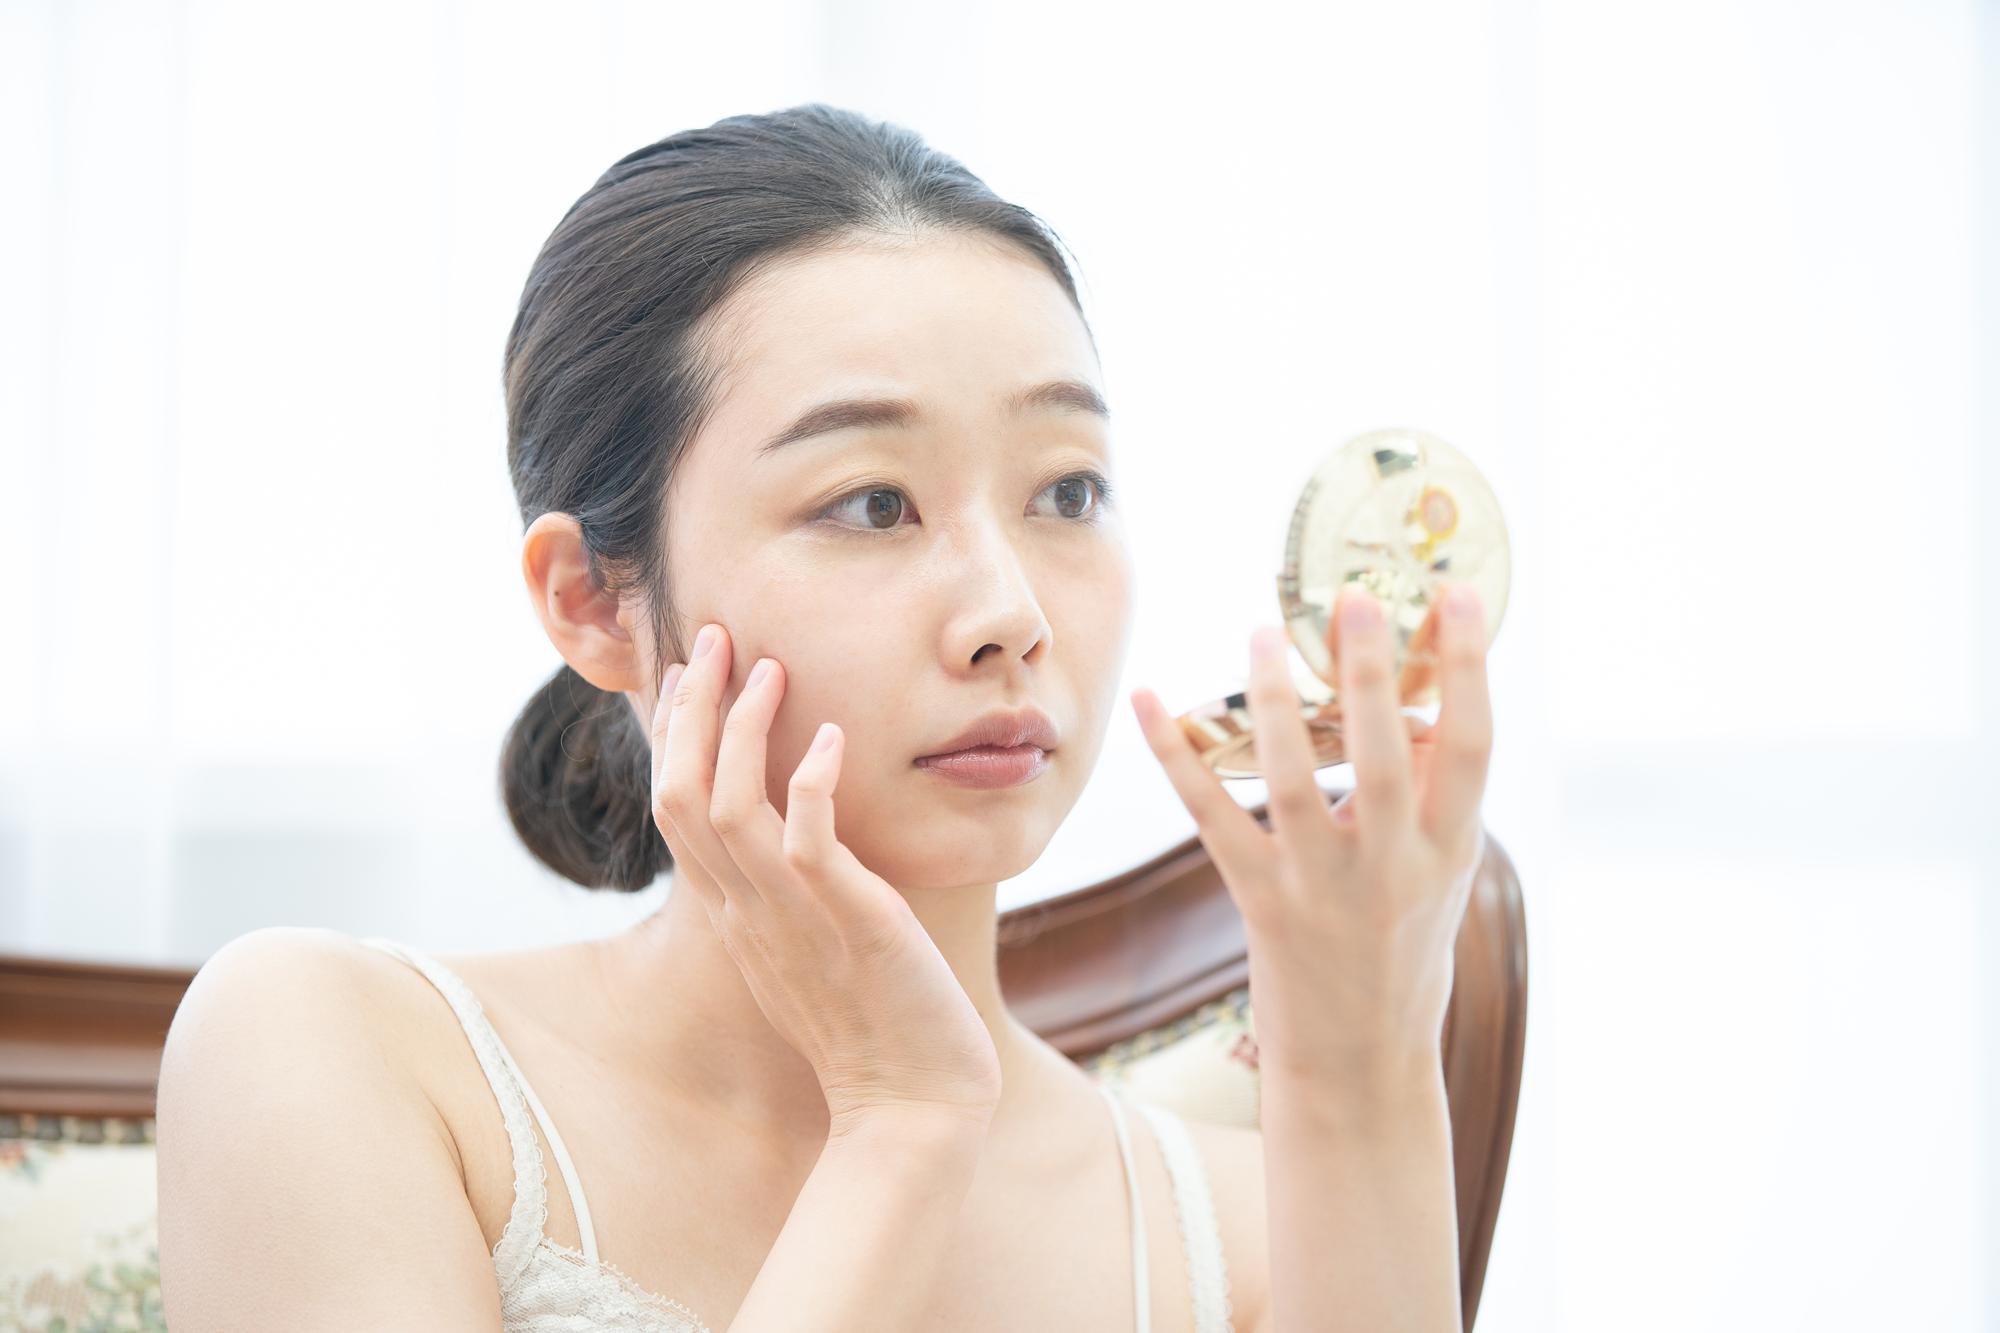 """【医師監修】乾燥肌でもニキビはできる? """"乾燥肌ニキビ""""の原因と対処法"""